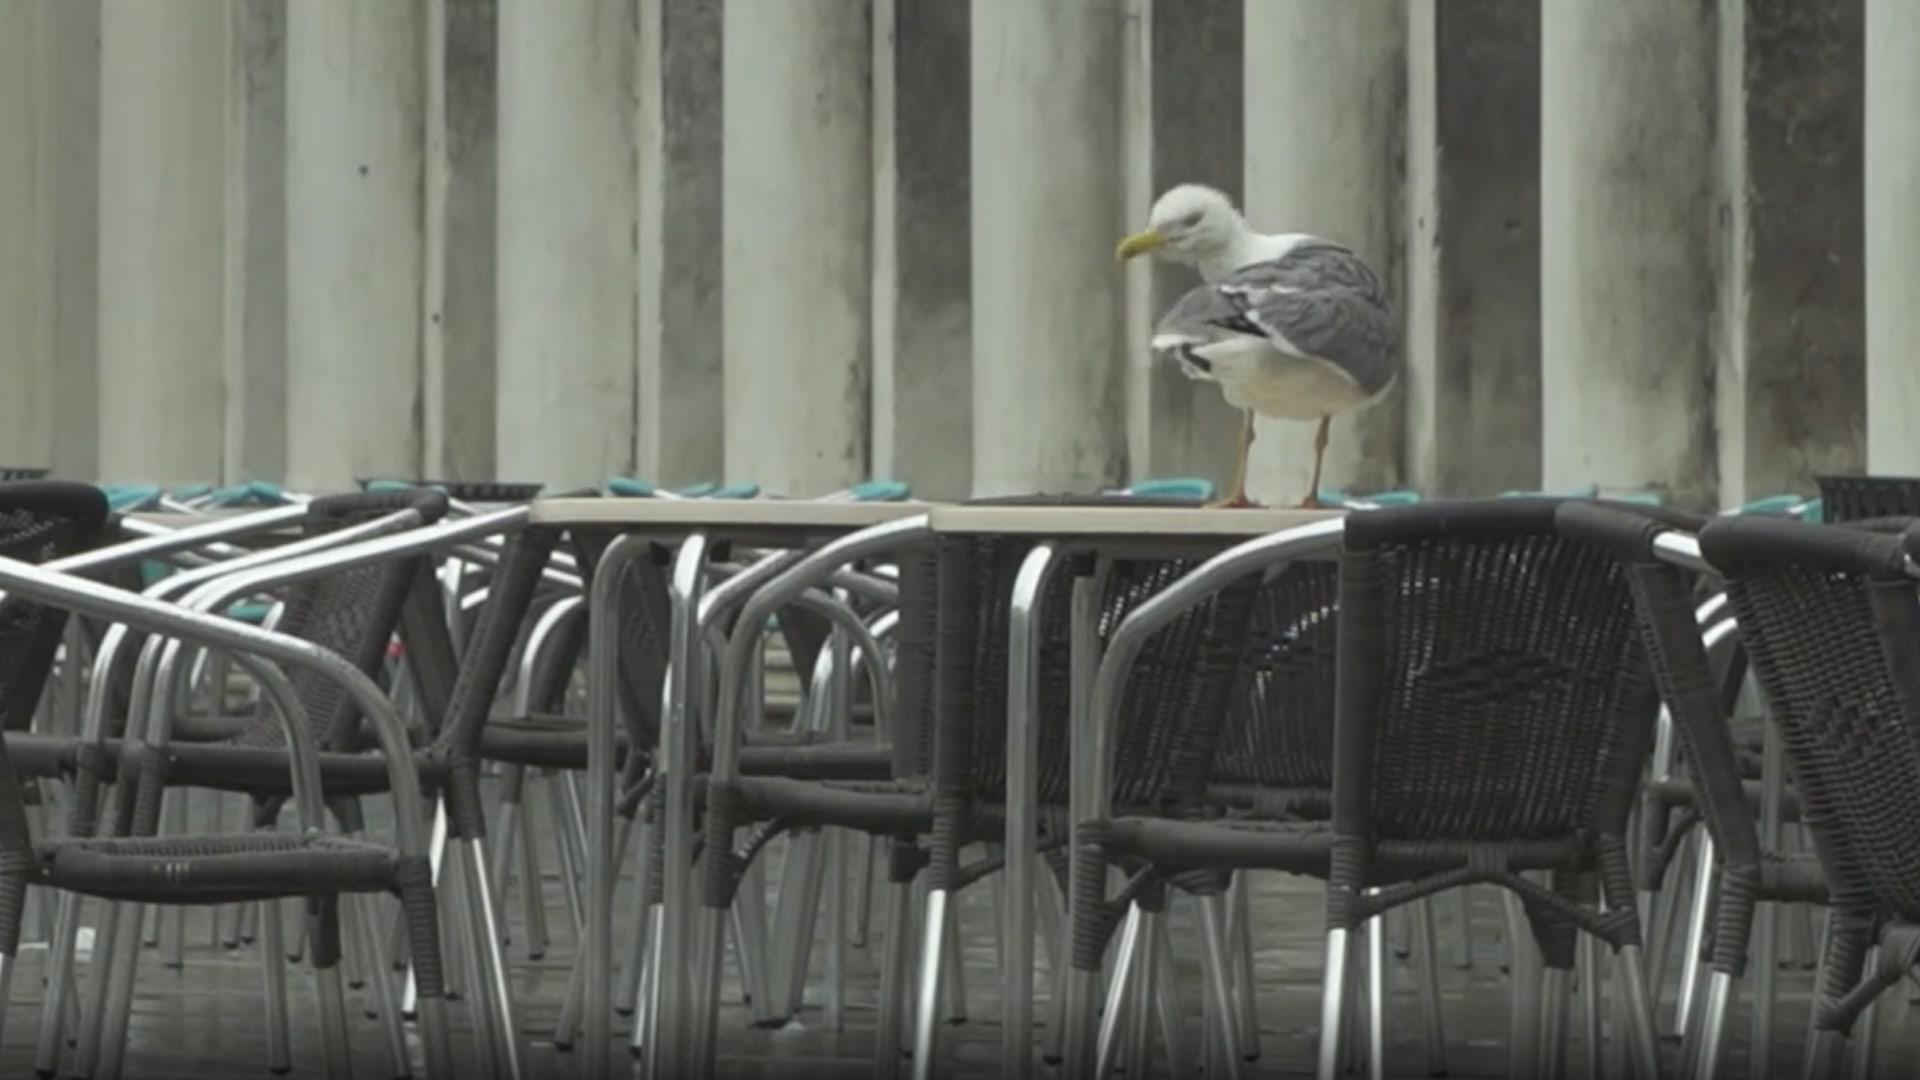 البندقية.. طيور النورس في مقاهيها أكثر من الزبائن بسبب فيروس كورونا